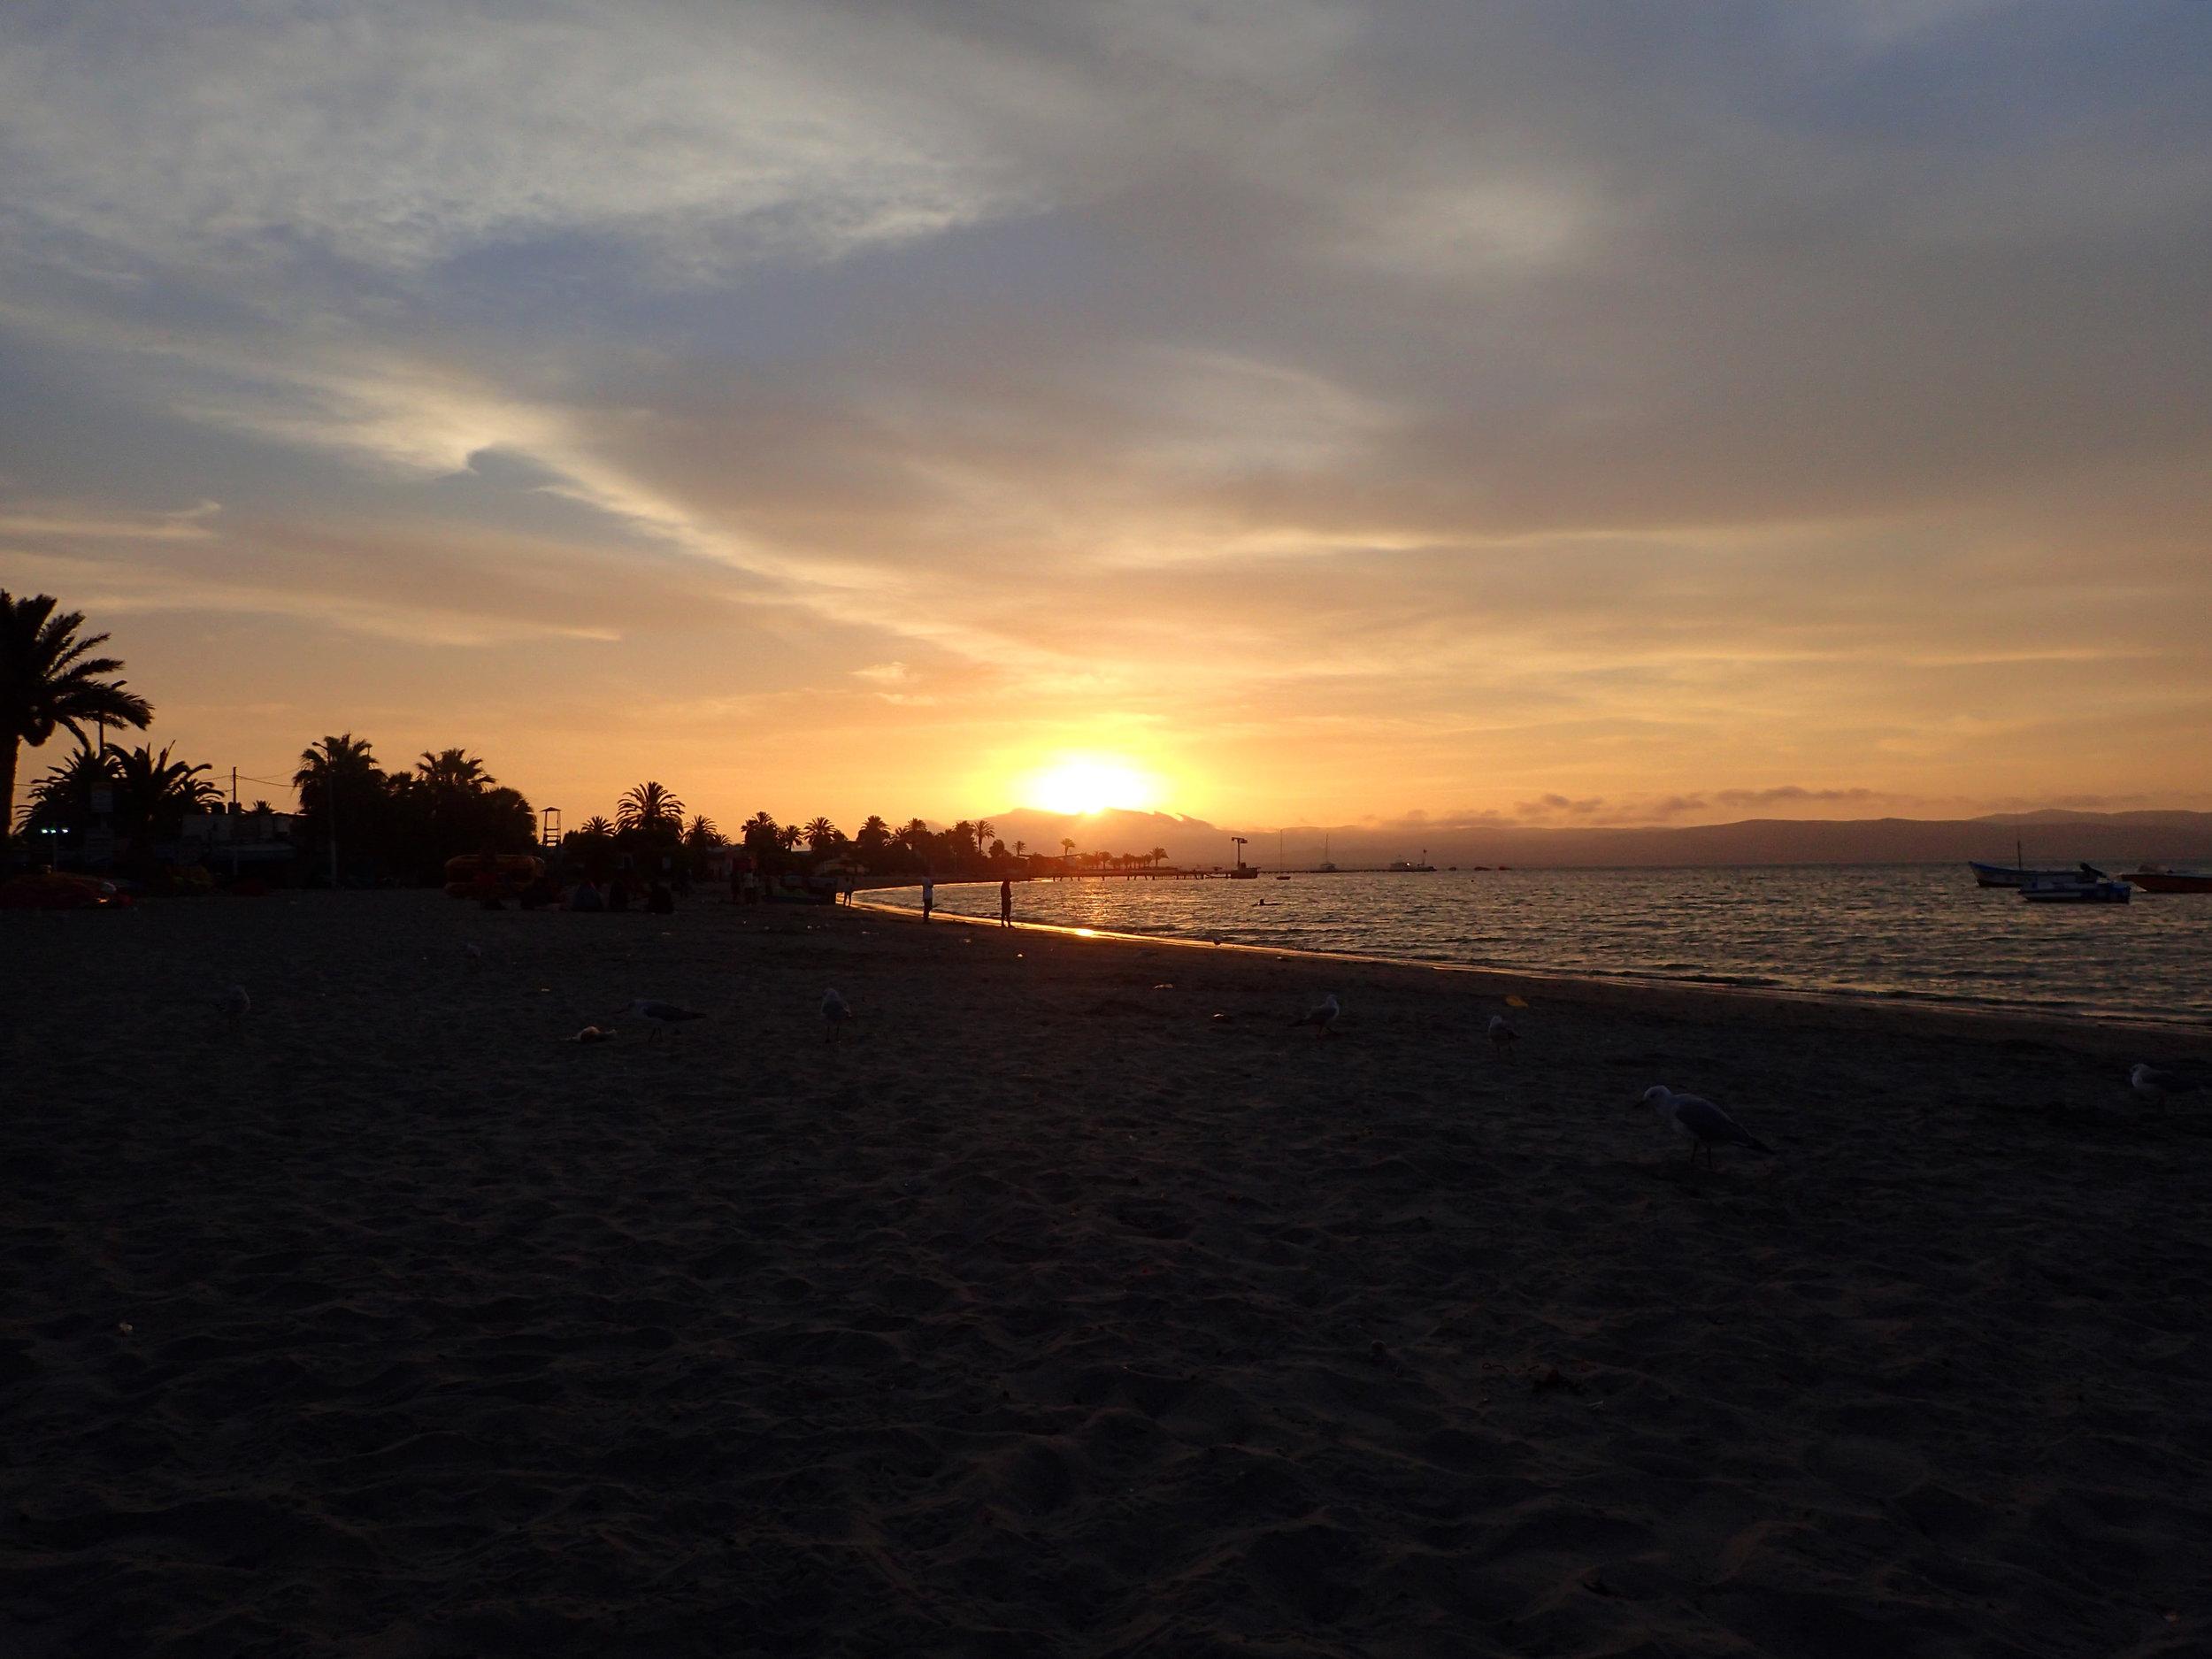 sunset from Paracas beach.jpg